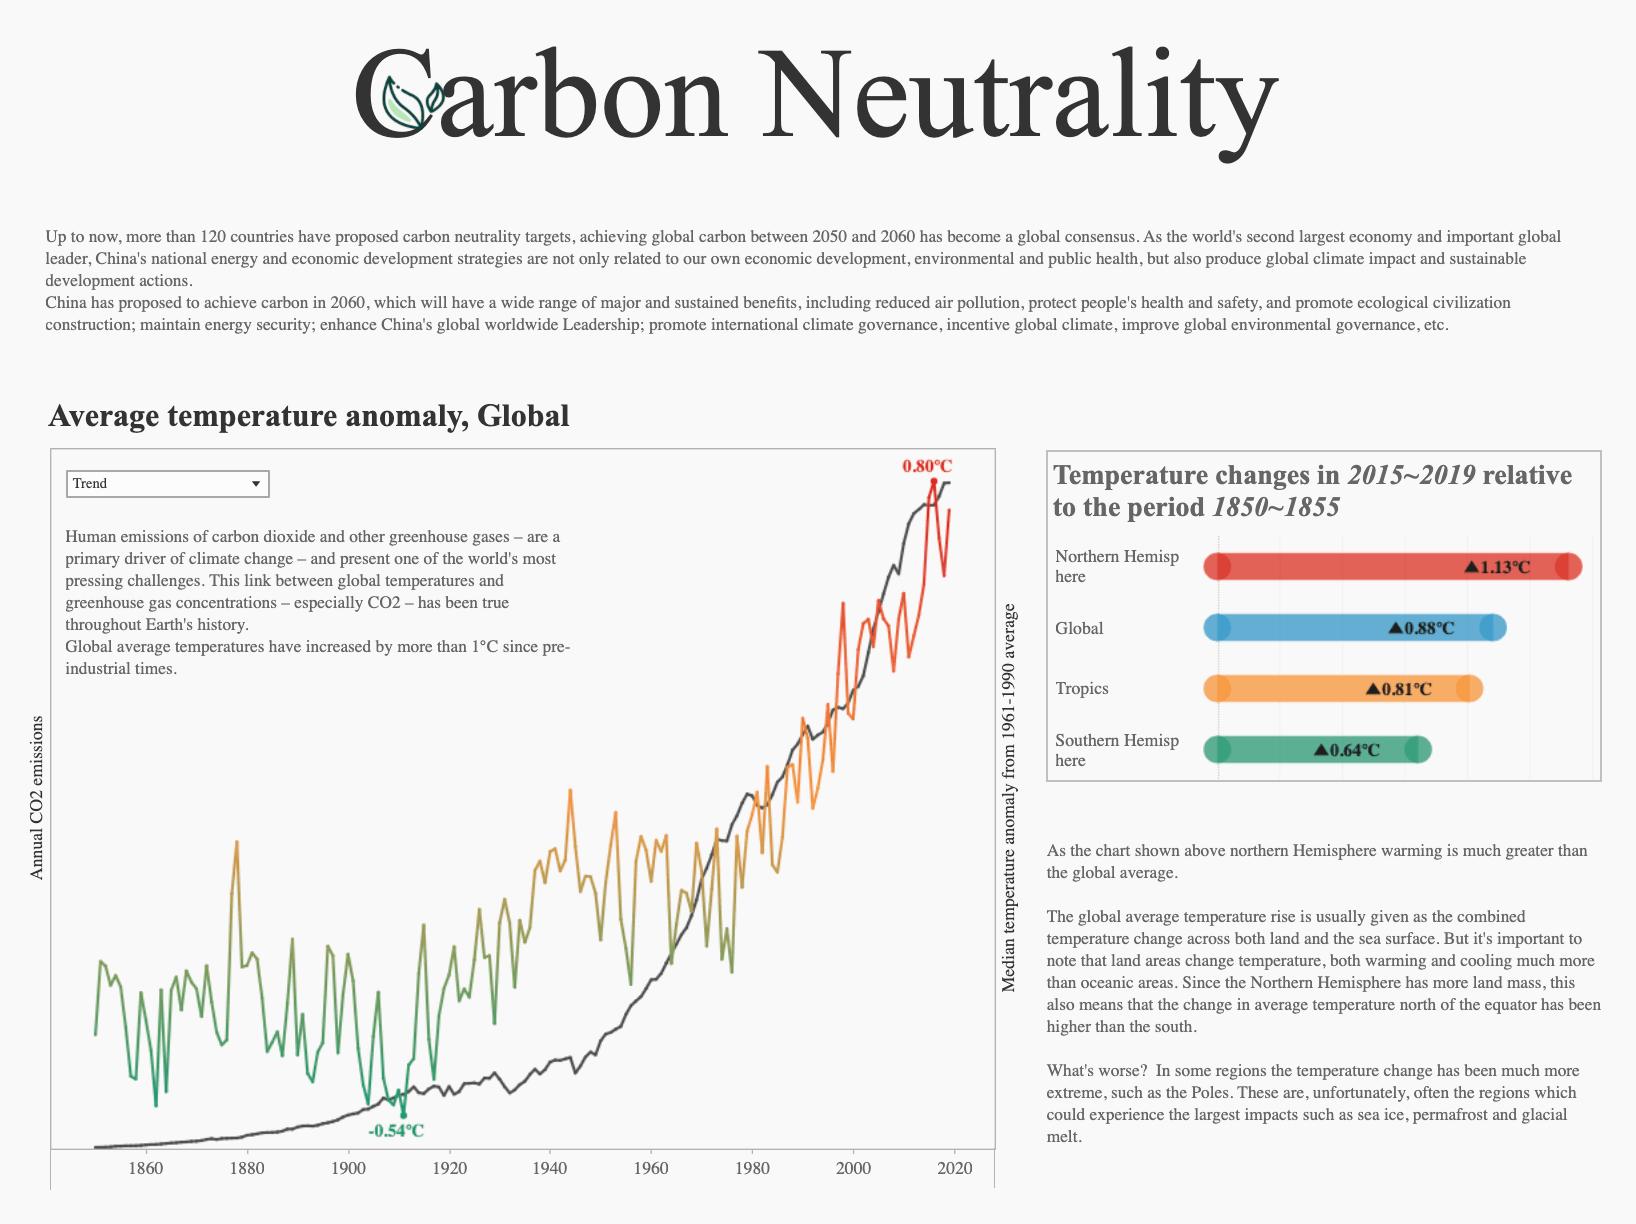 Carbon Neutrality Tableau Public Viz